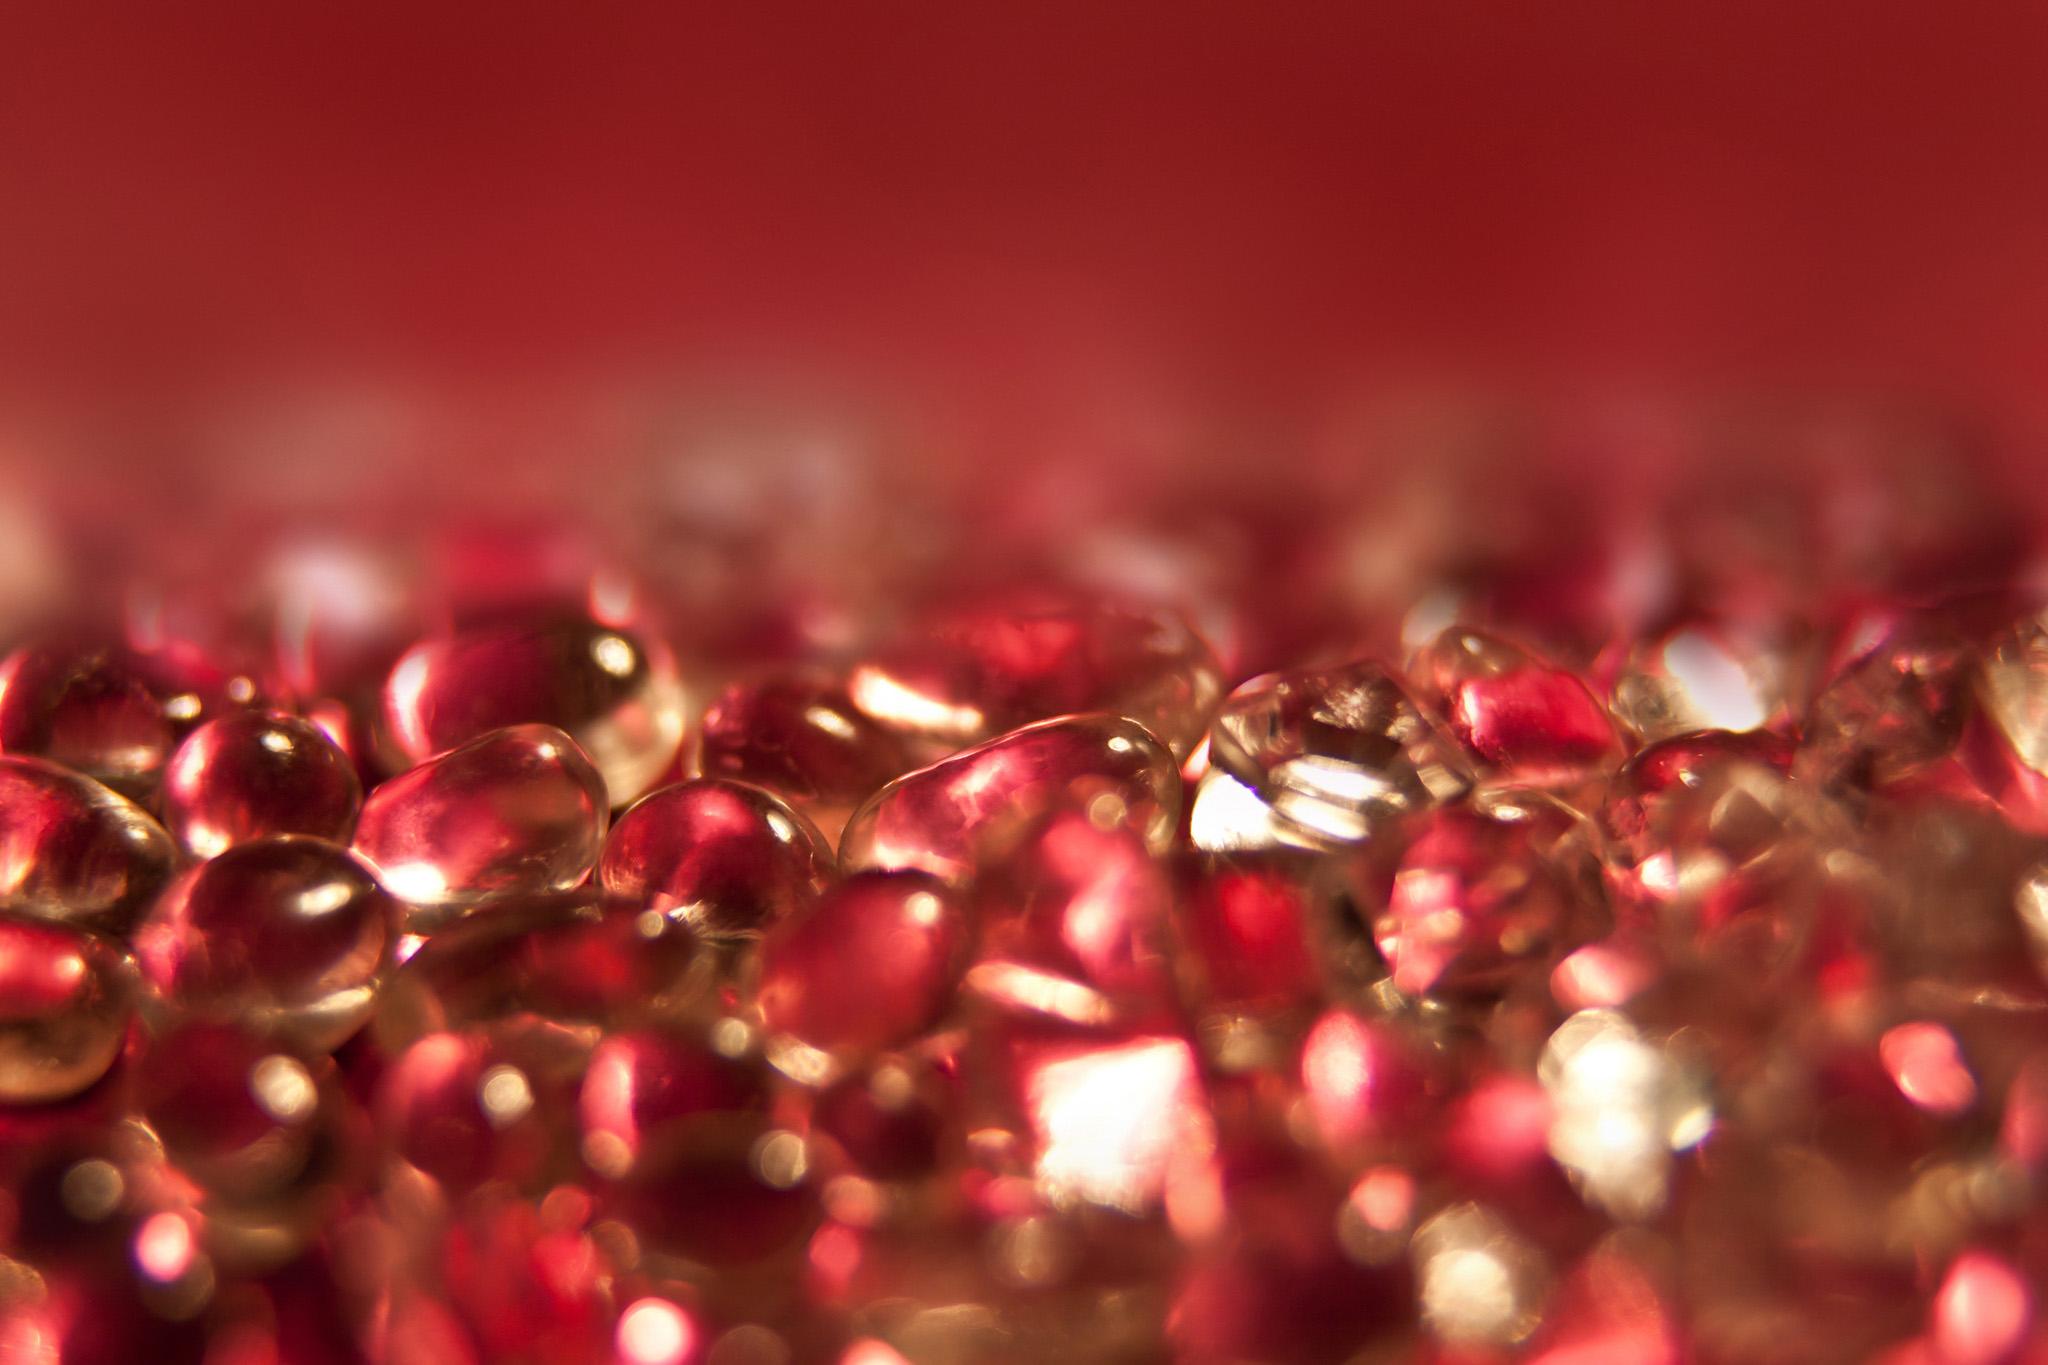 「赤いガラスのキラキラ」